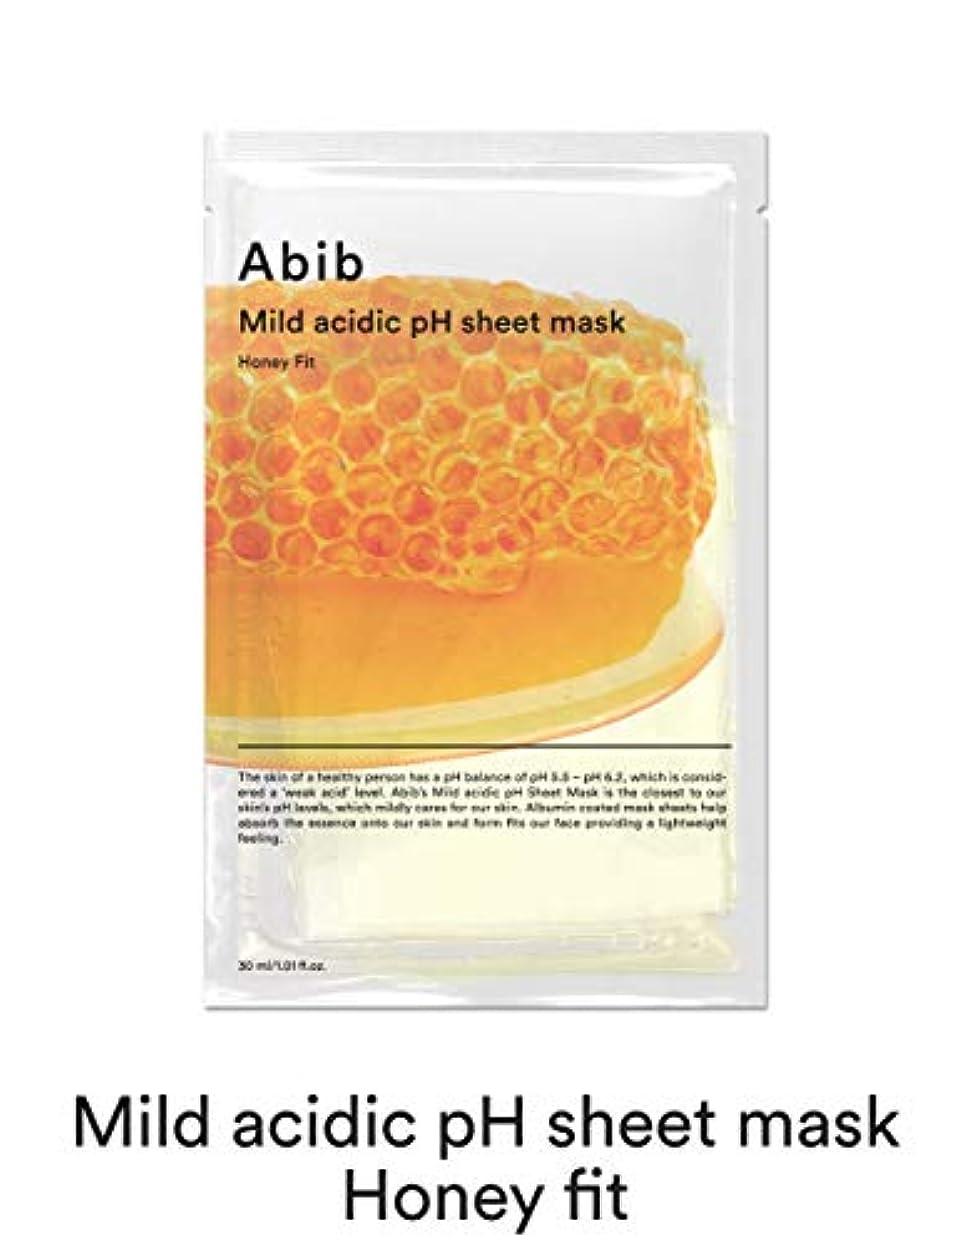 偶然の火山のパーセント[Abib] アビブ弱酸性pHシートマスクハニーフィット 30mlx10枚 / ABIB MILD ACIDIC pH SHEET MASK HONEY FIT 30mlx10EA [並行輸入品]